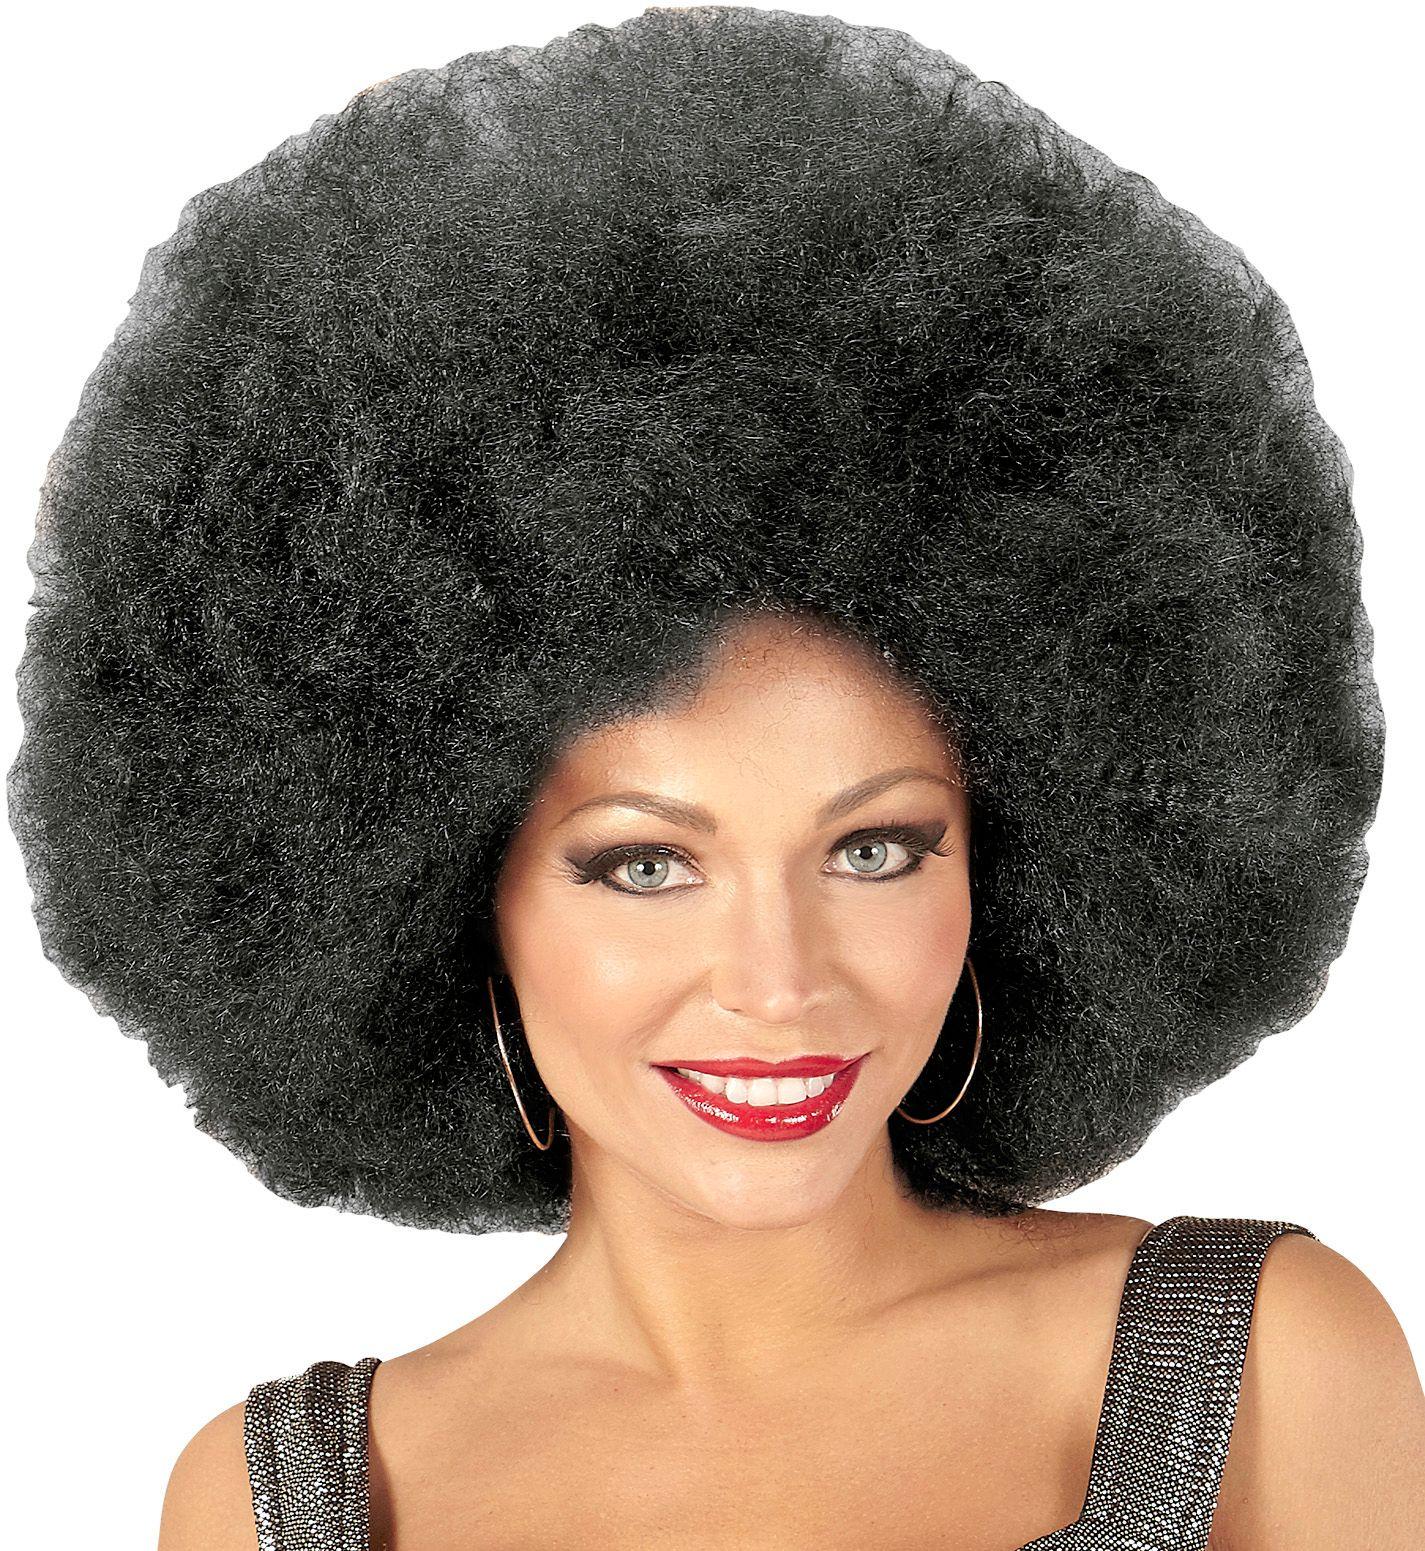 Zwarte afro pruik extra groot